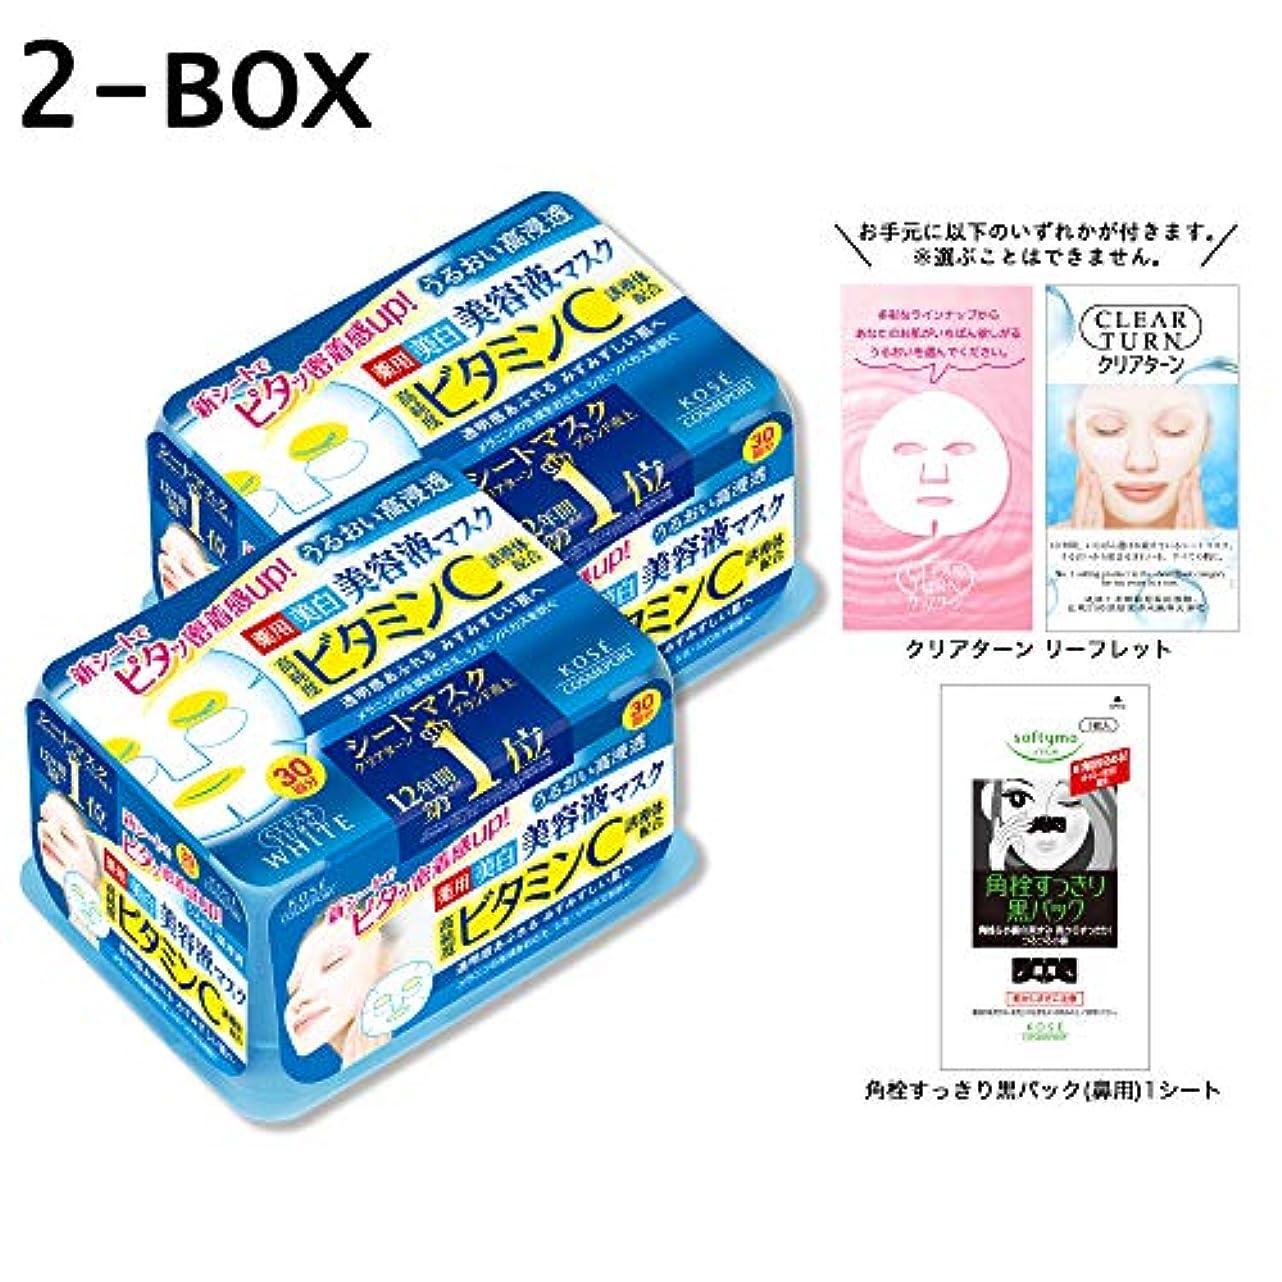 悲しいことにルート端末【Amazon.co.jp限定】KOSE クリアターン エッセンスマスク (ビタミンC) 30回 2P+おまけ フェイスマスク (医薬部外品)